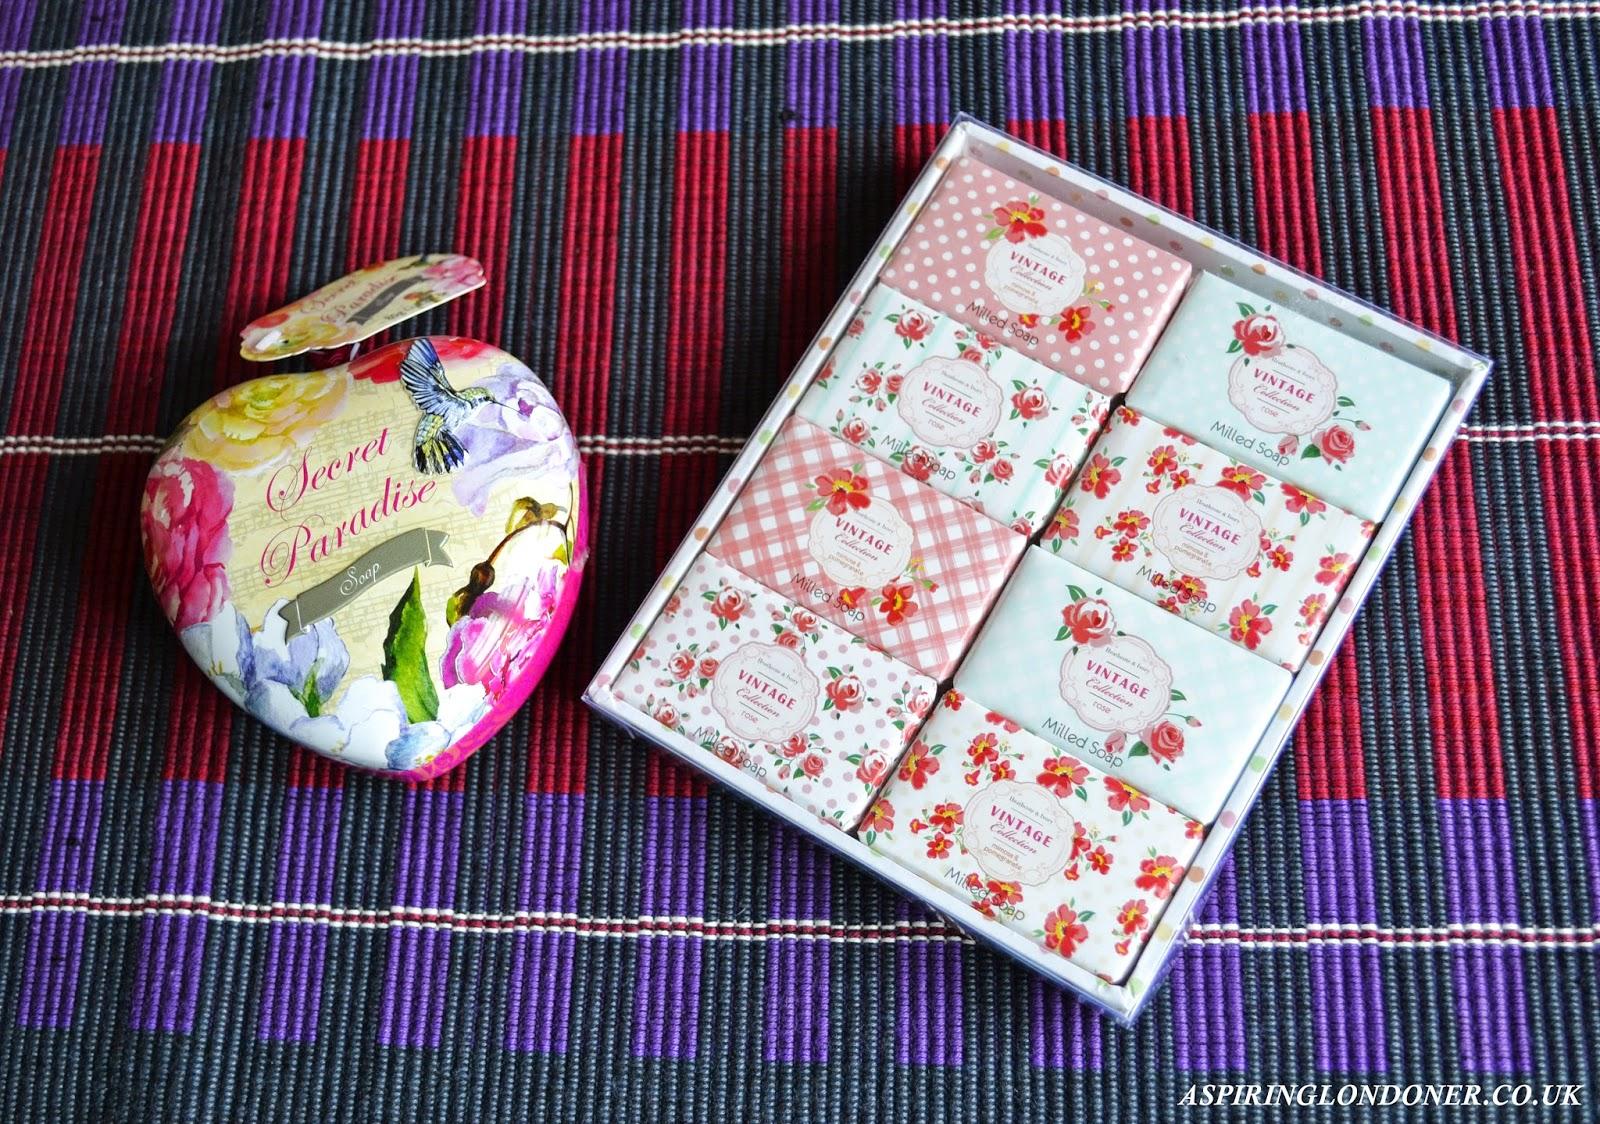 Heathcote & Ivory Secret Paradise Soap Gift Products - Aspiring Londoner